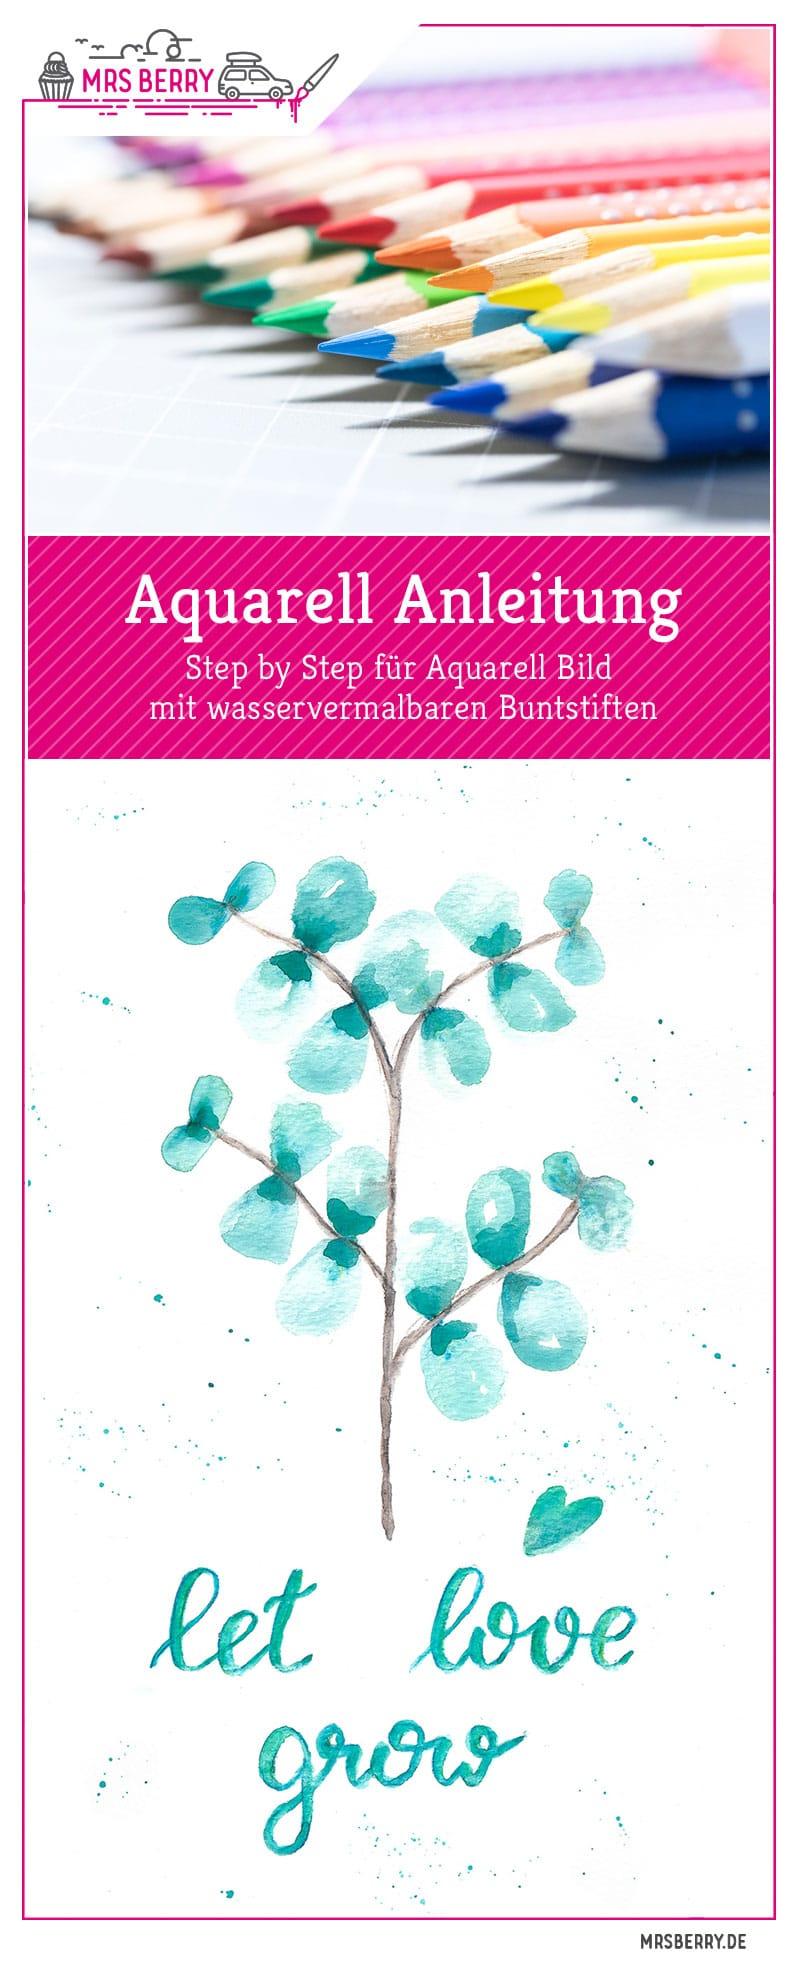 Watercolor Eukalyptus mit Let Love Grow Lettering - eine Anleitung für ein Aquarell Bild mit wasservermalbaren Buntstiften